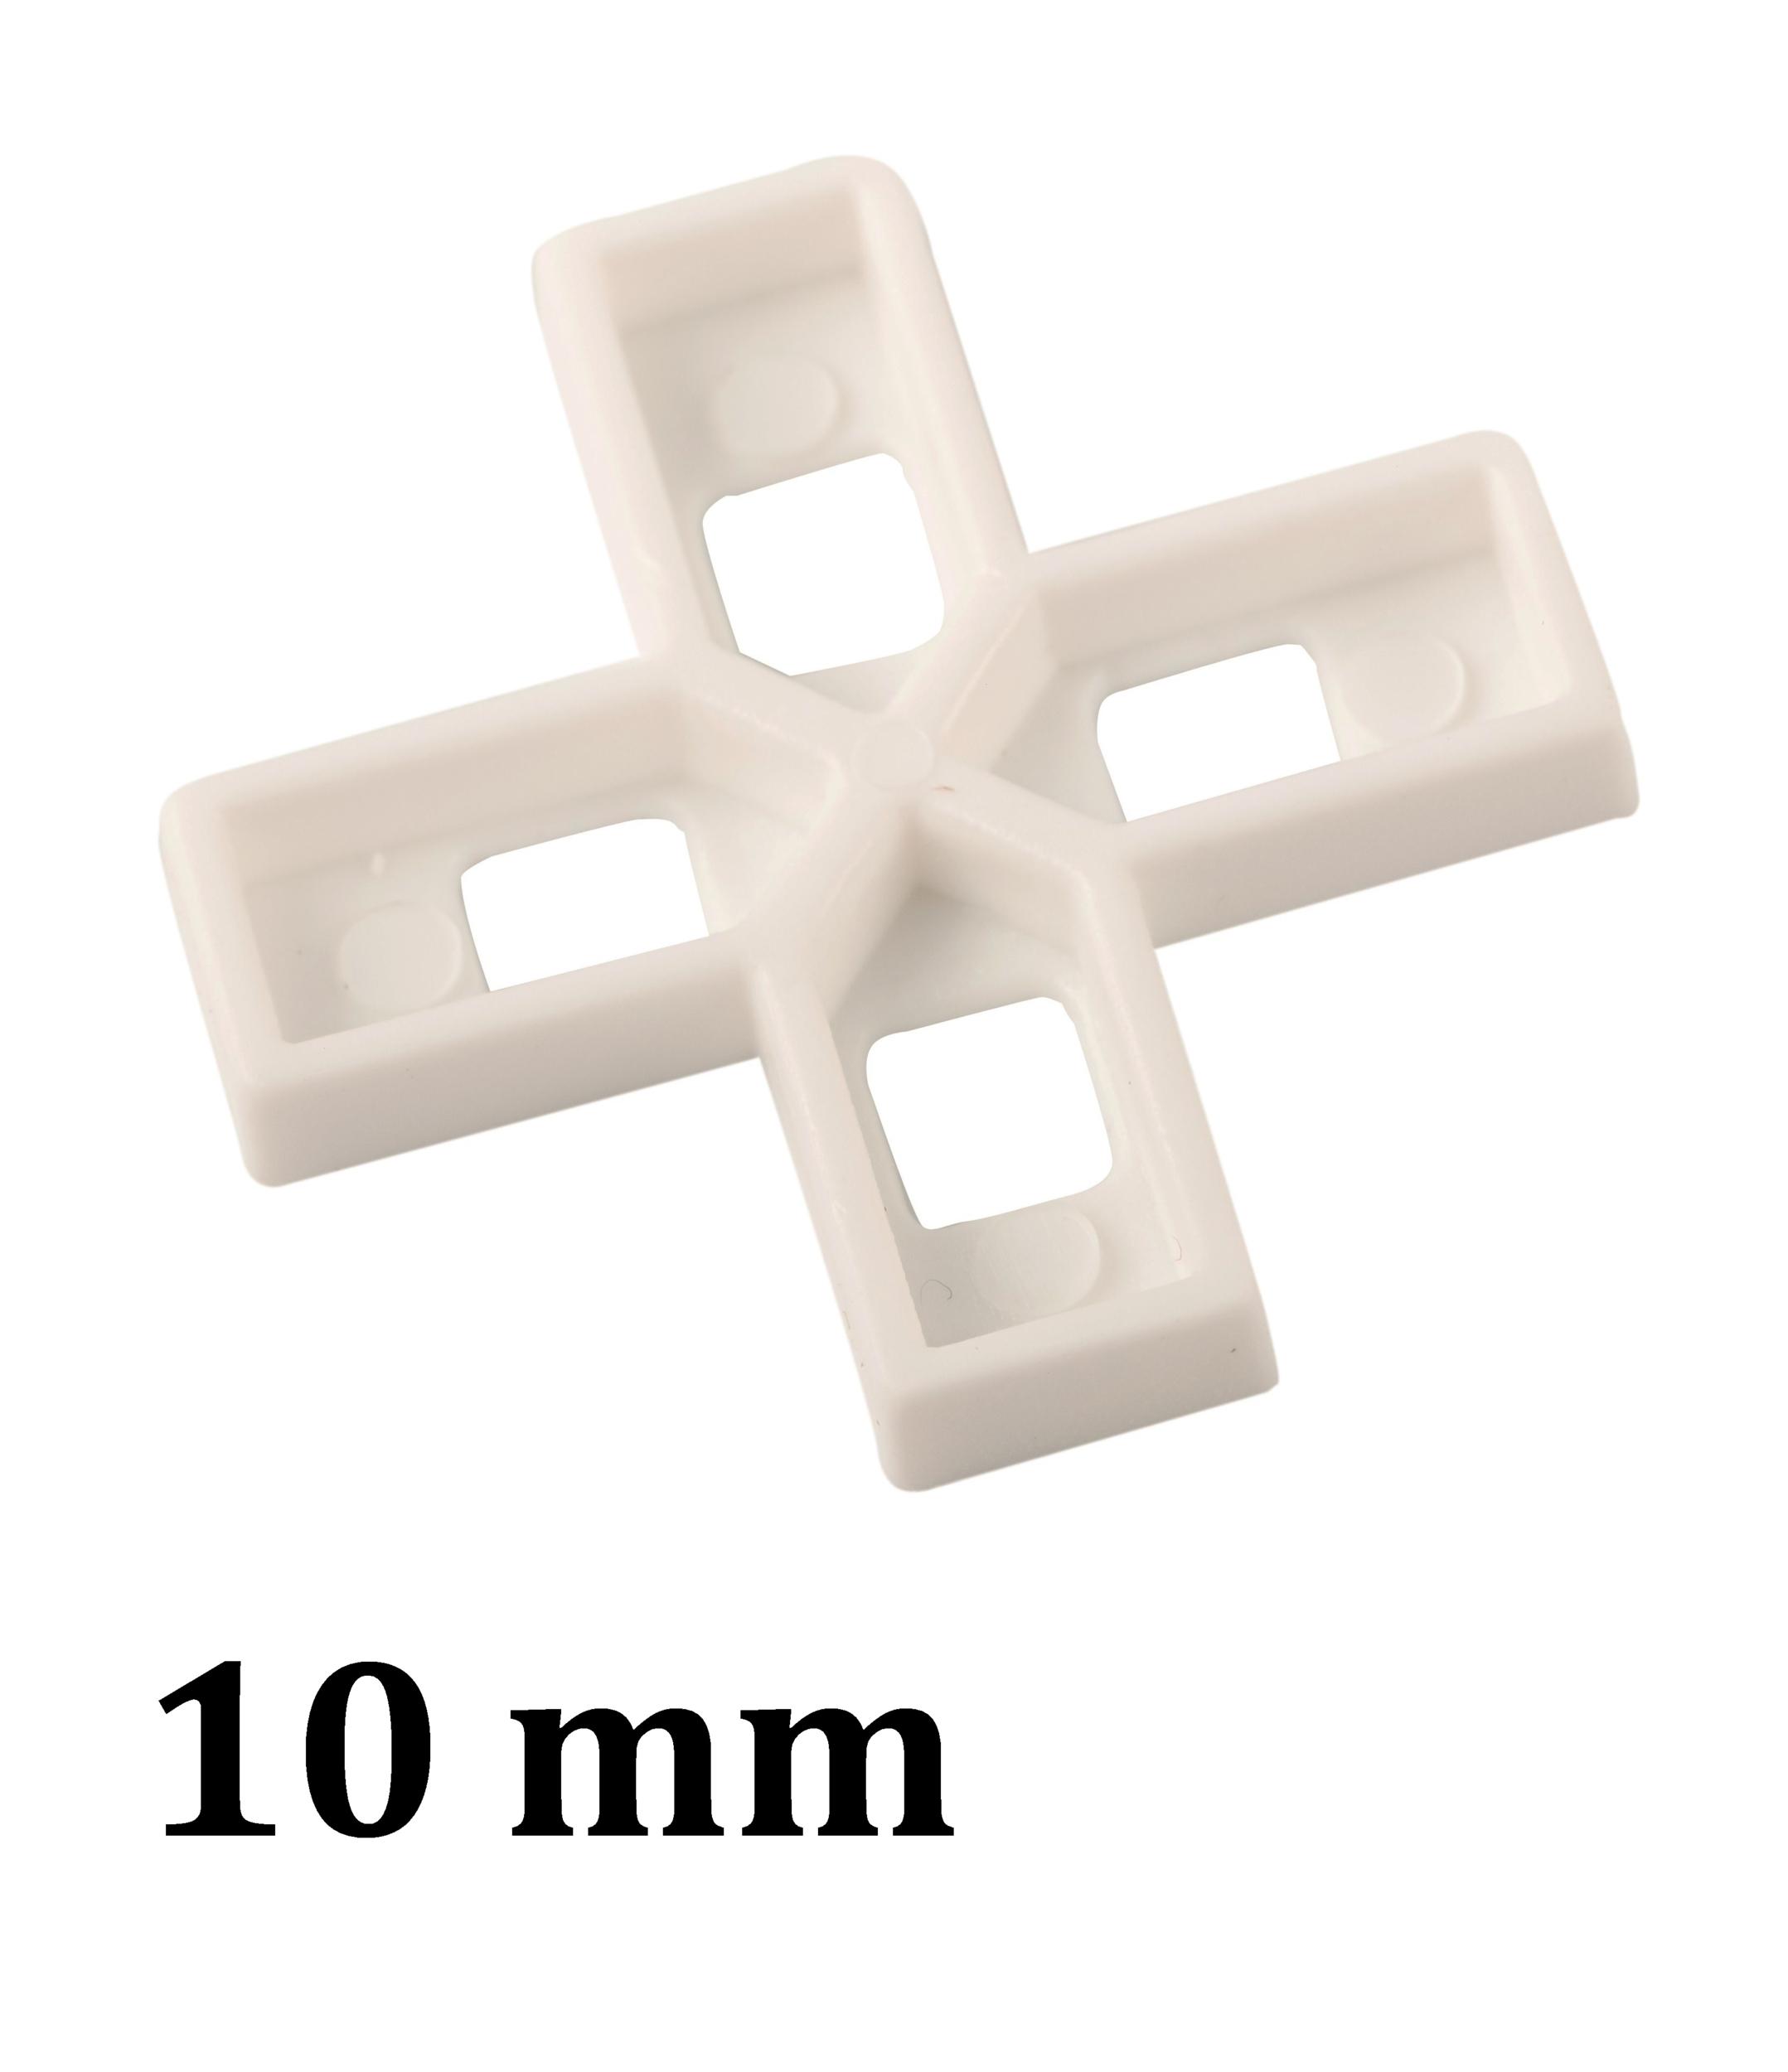 Croisillon carrelage 10 mm, en croix